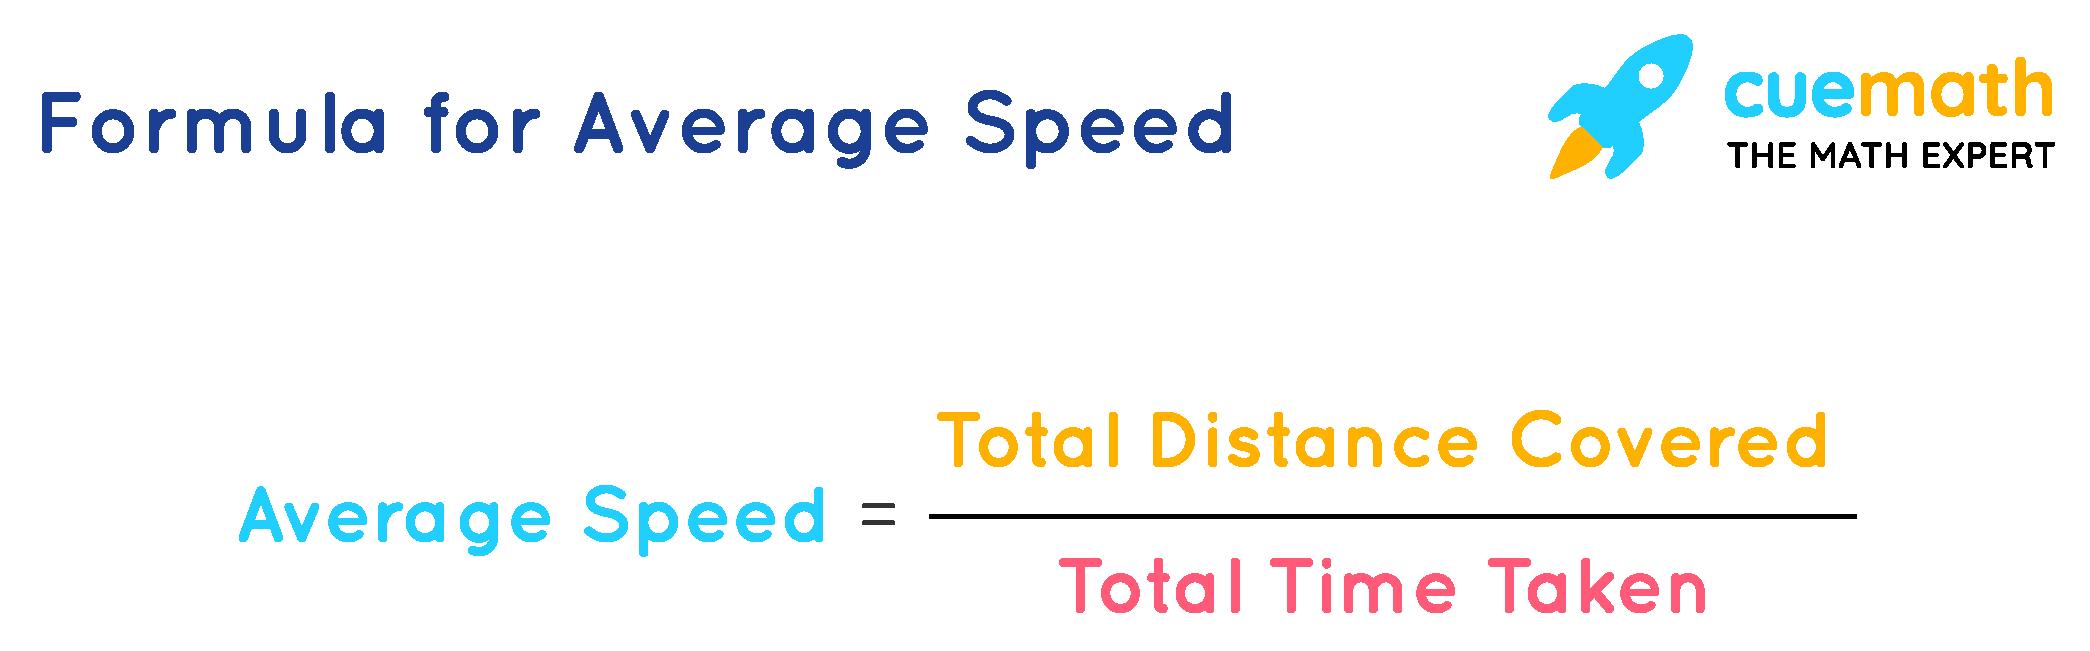 The average speed formula